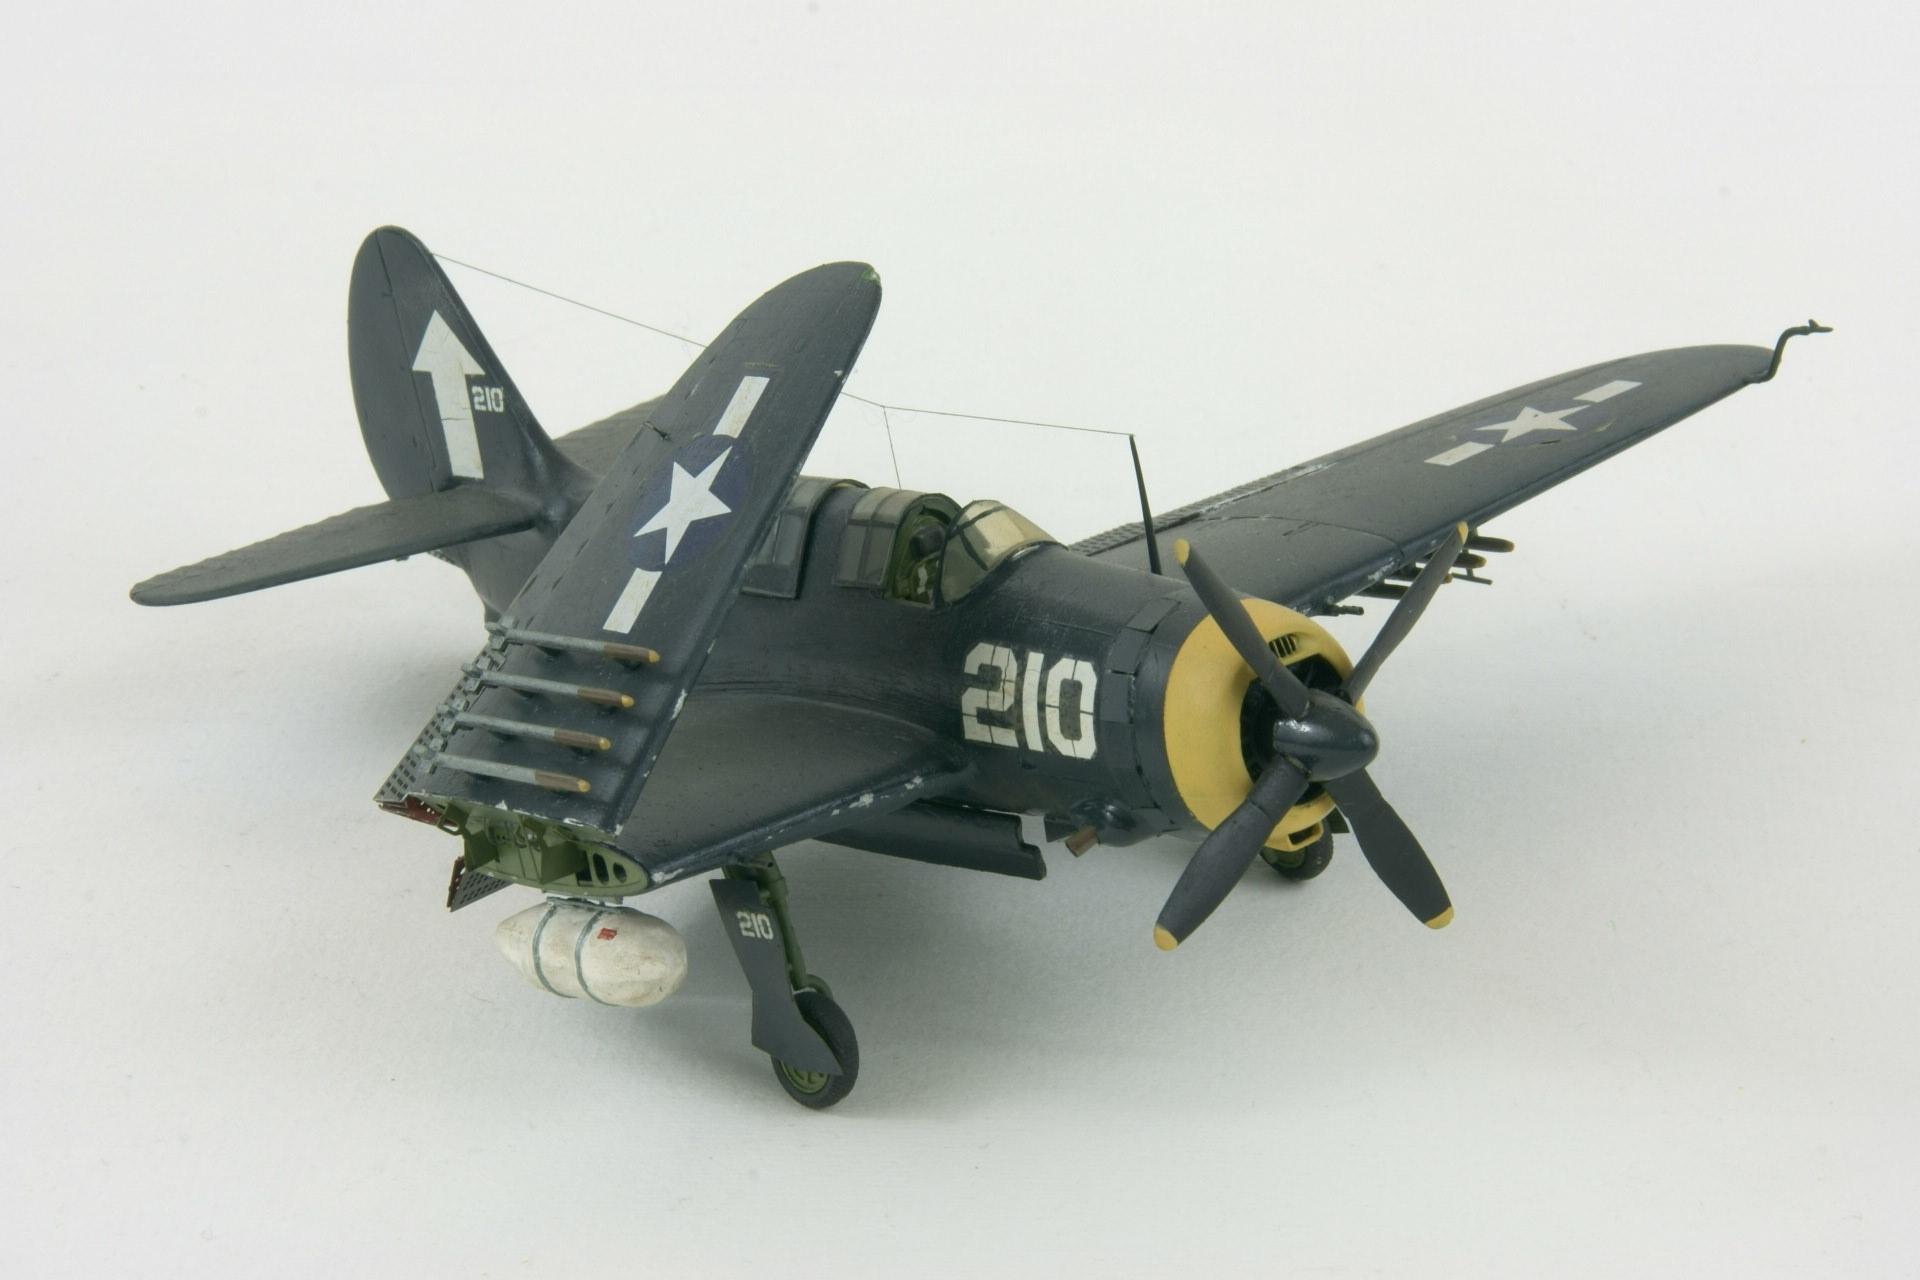 Curtiss sb2c 4e helldiver 4 2